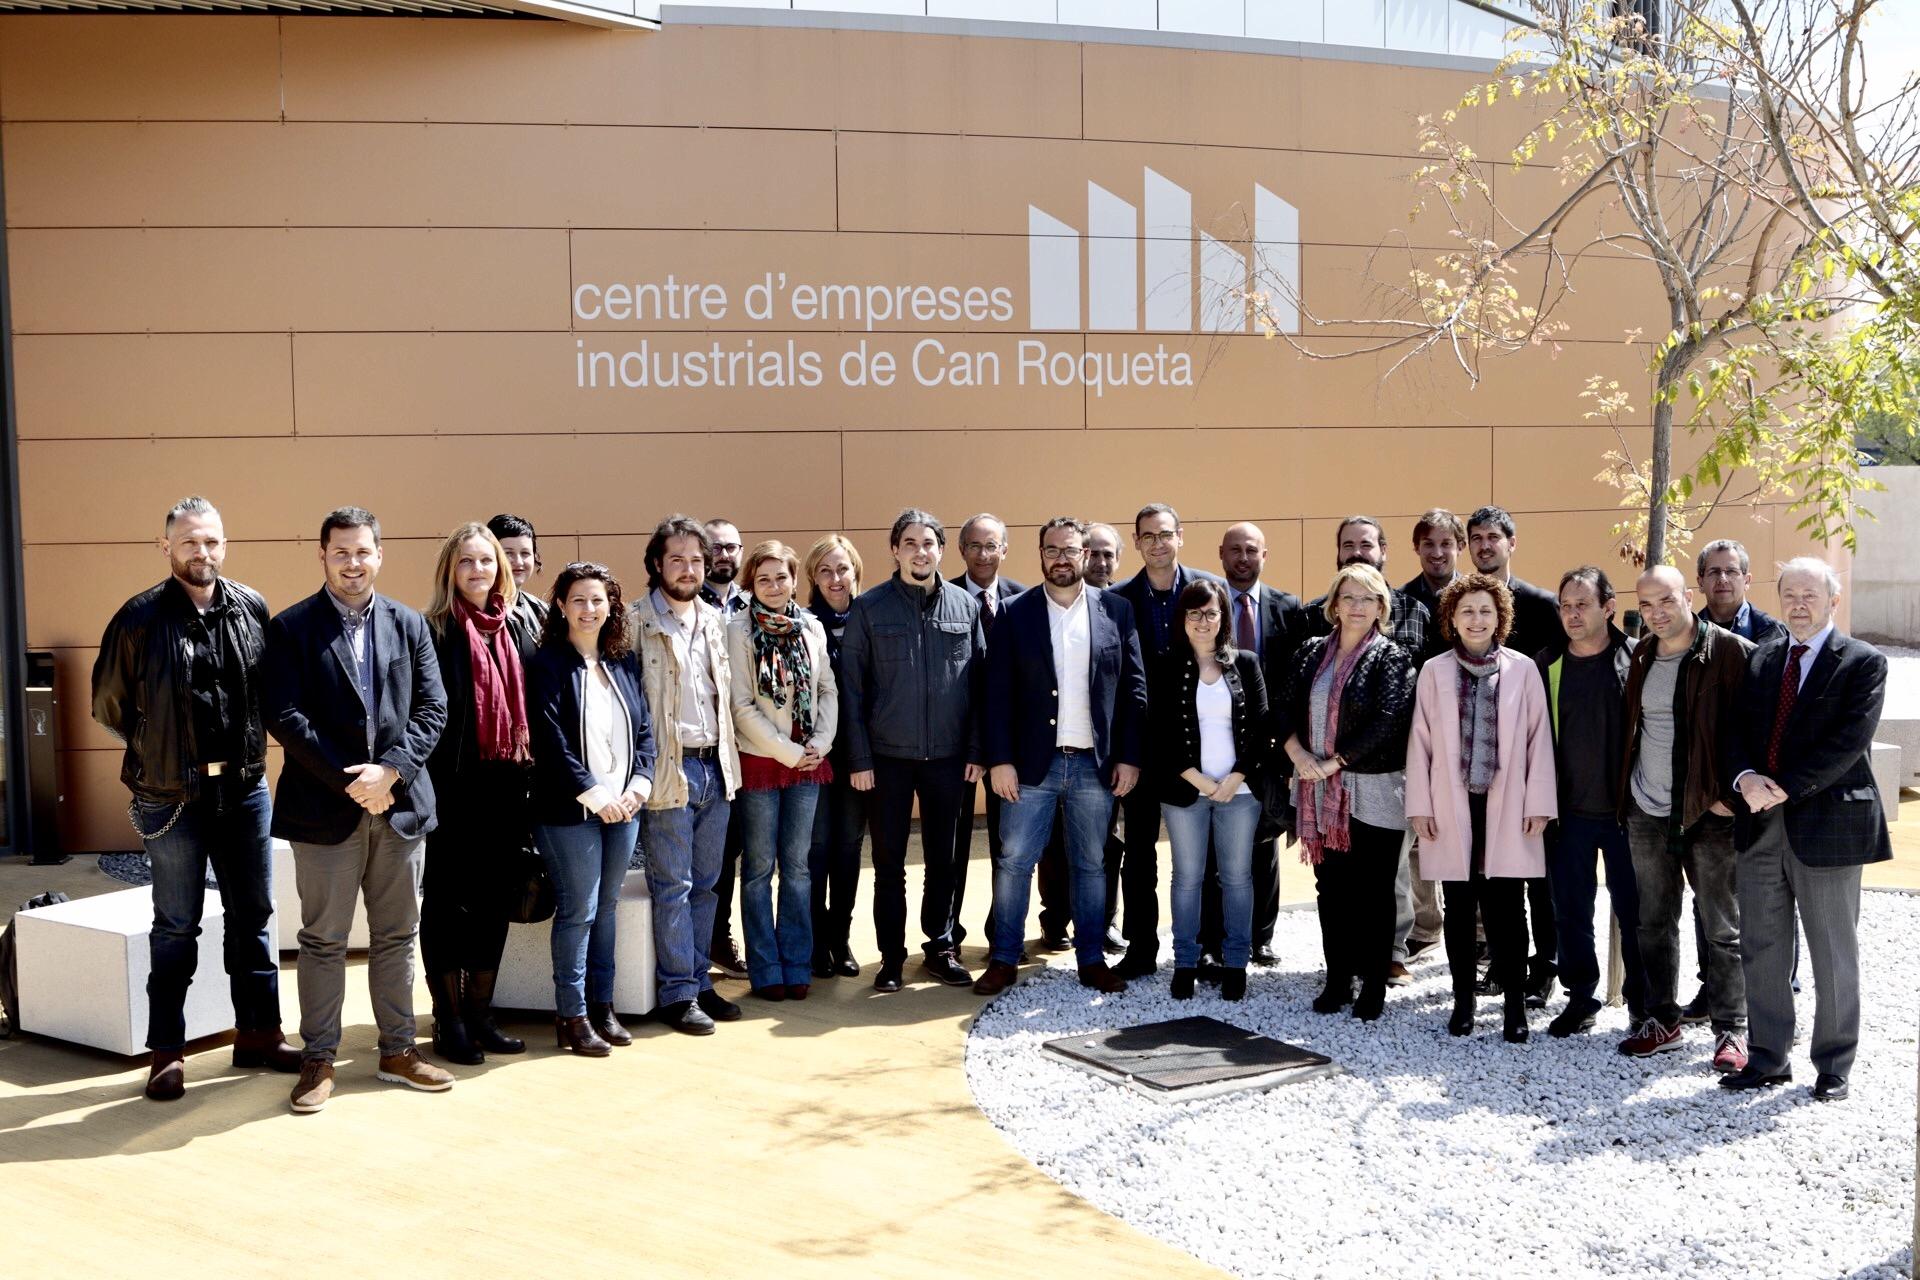 Grup de persones davant del centre d'empreses industrials de Can Roqueta